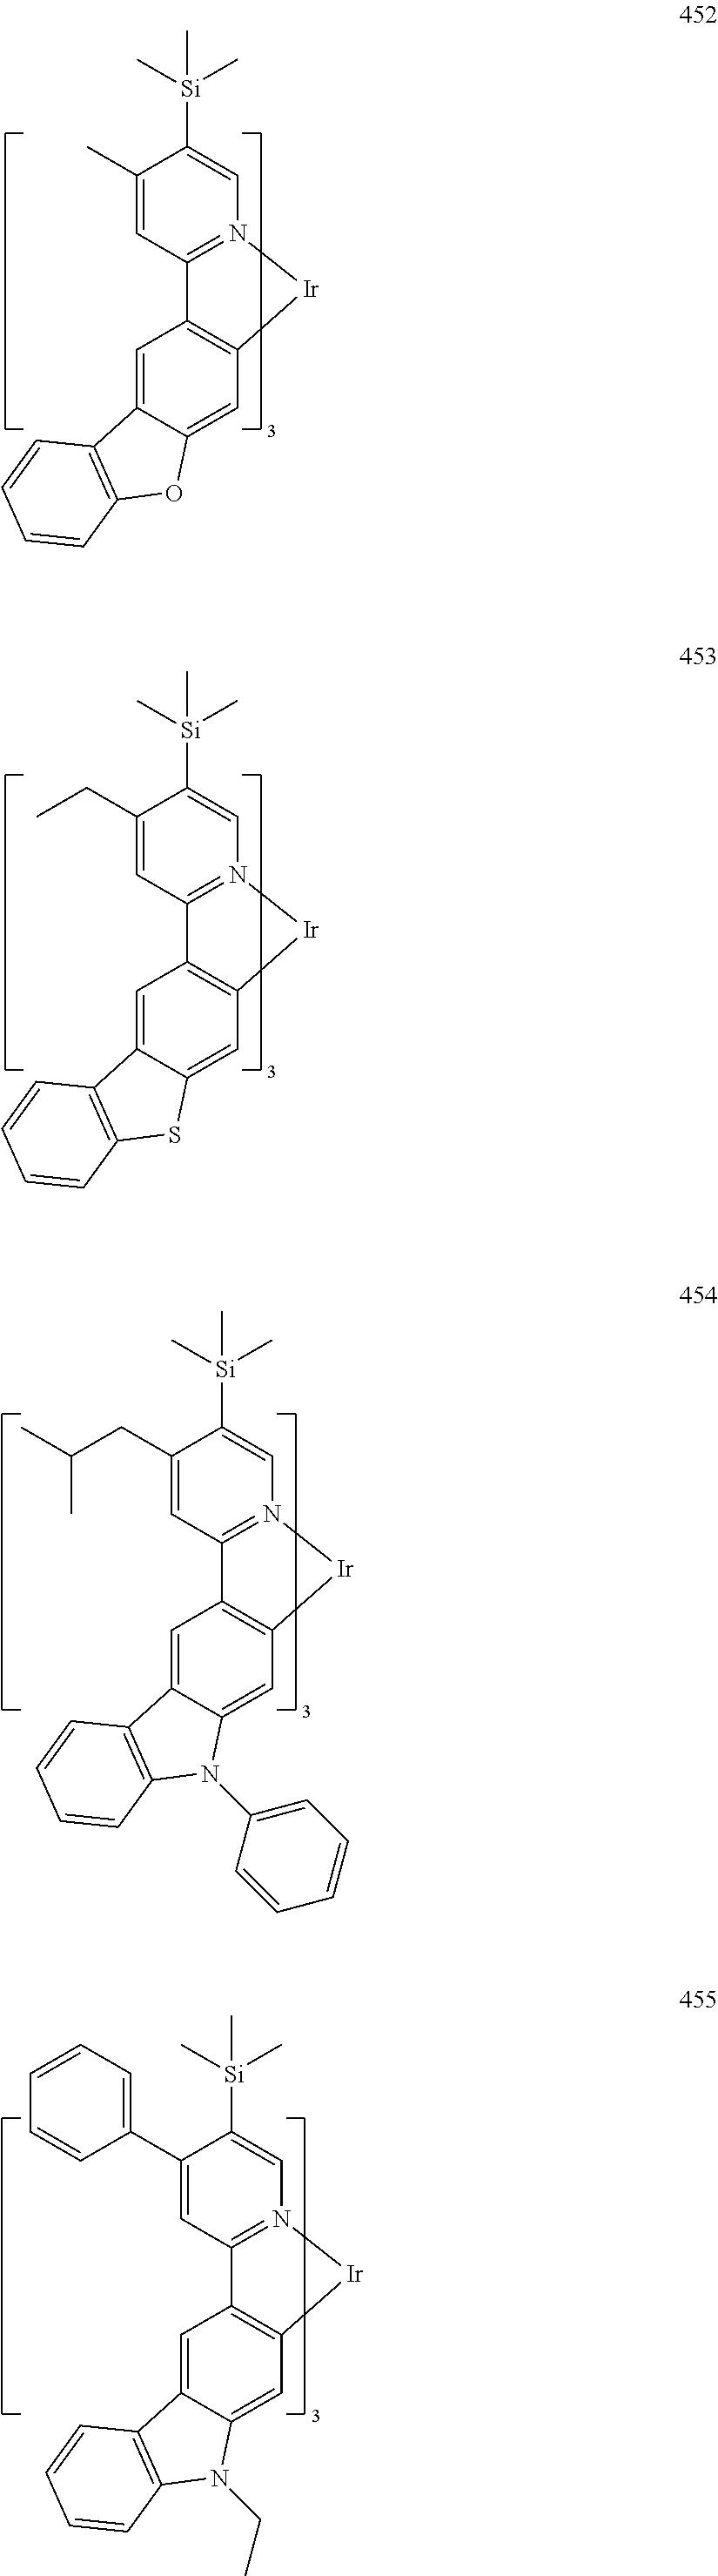 Figure US20160155962A1-20160602-C00196